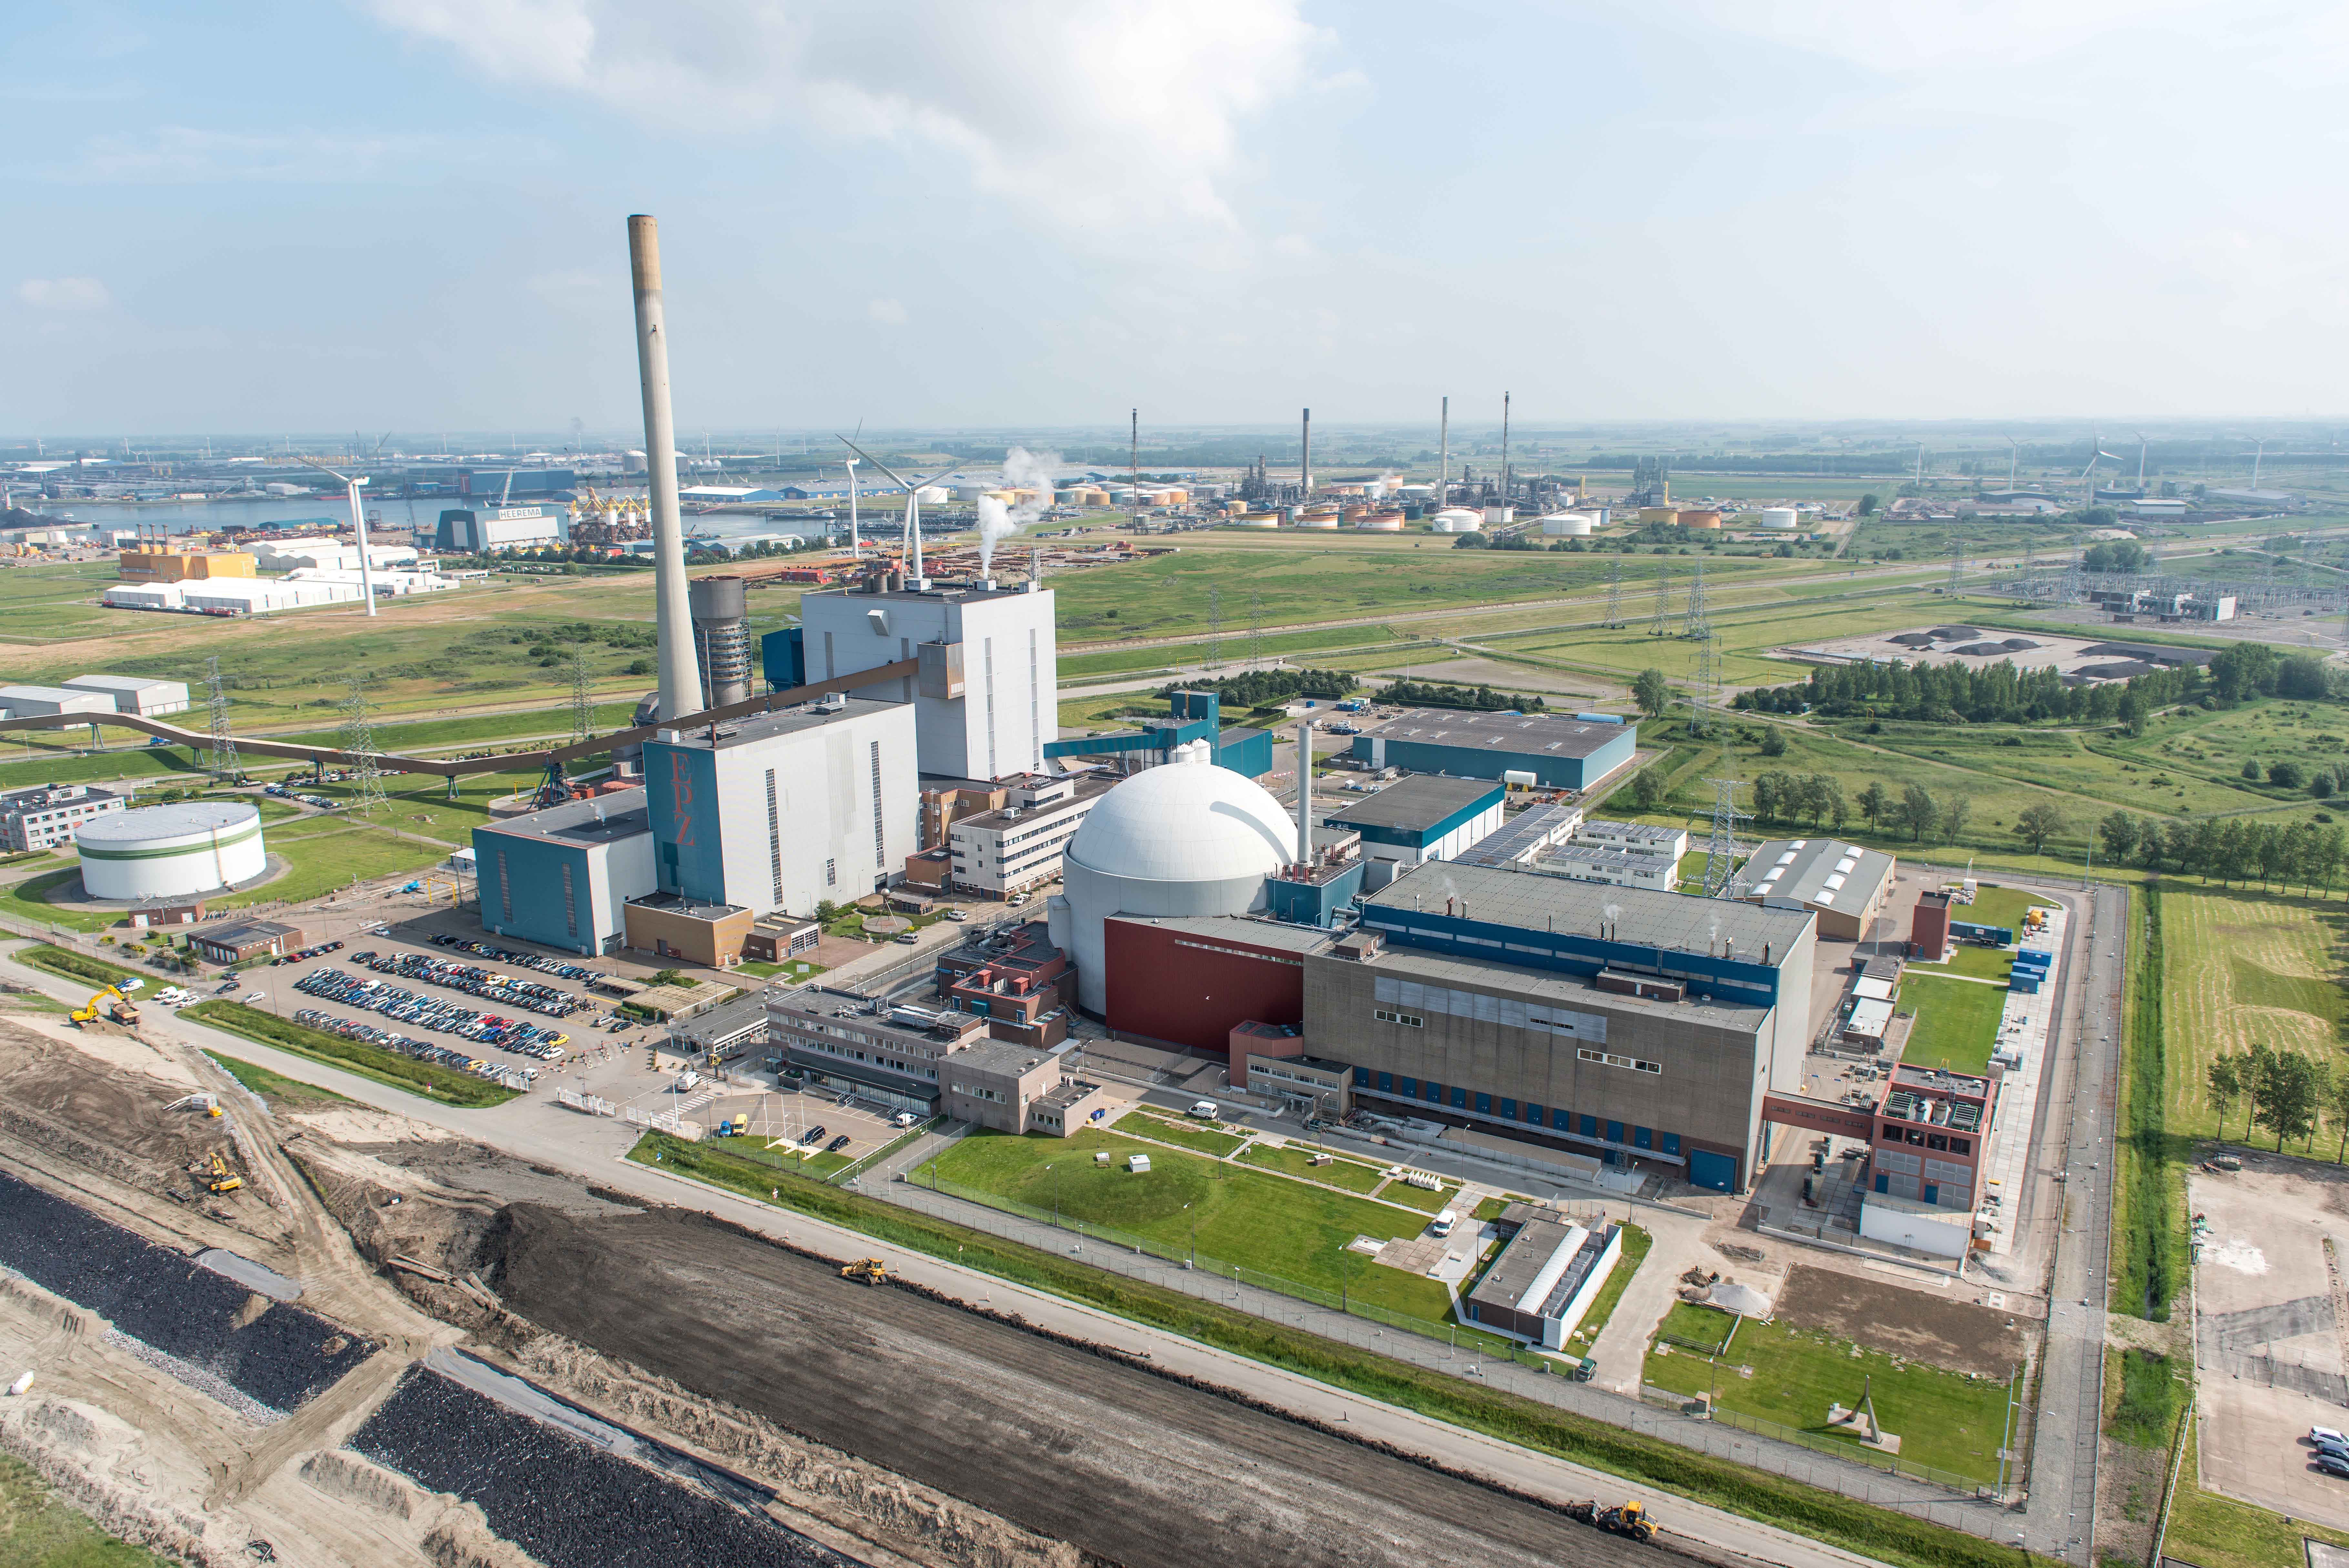 Borssele / Sloegebied / kerncentralefoto: Joop van Houdt / Rijkswaterstaat